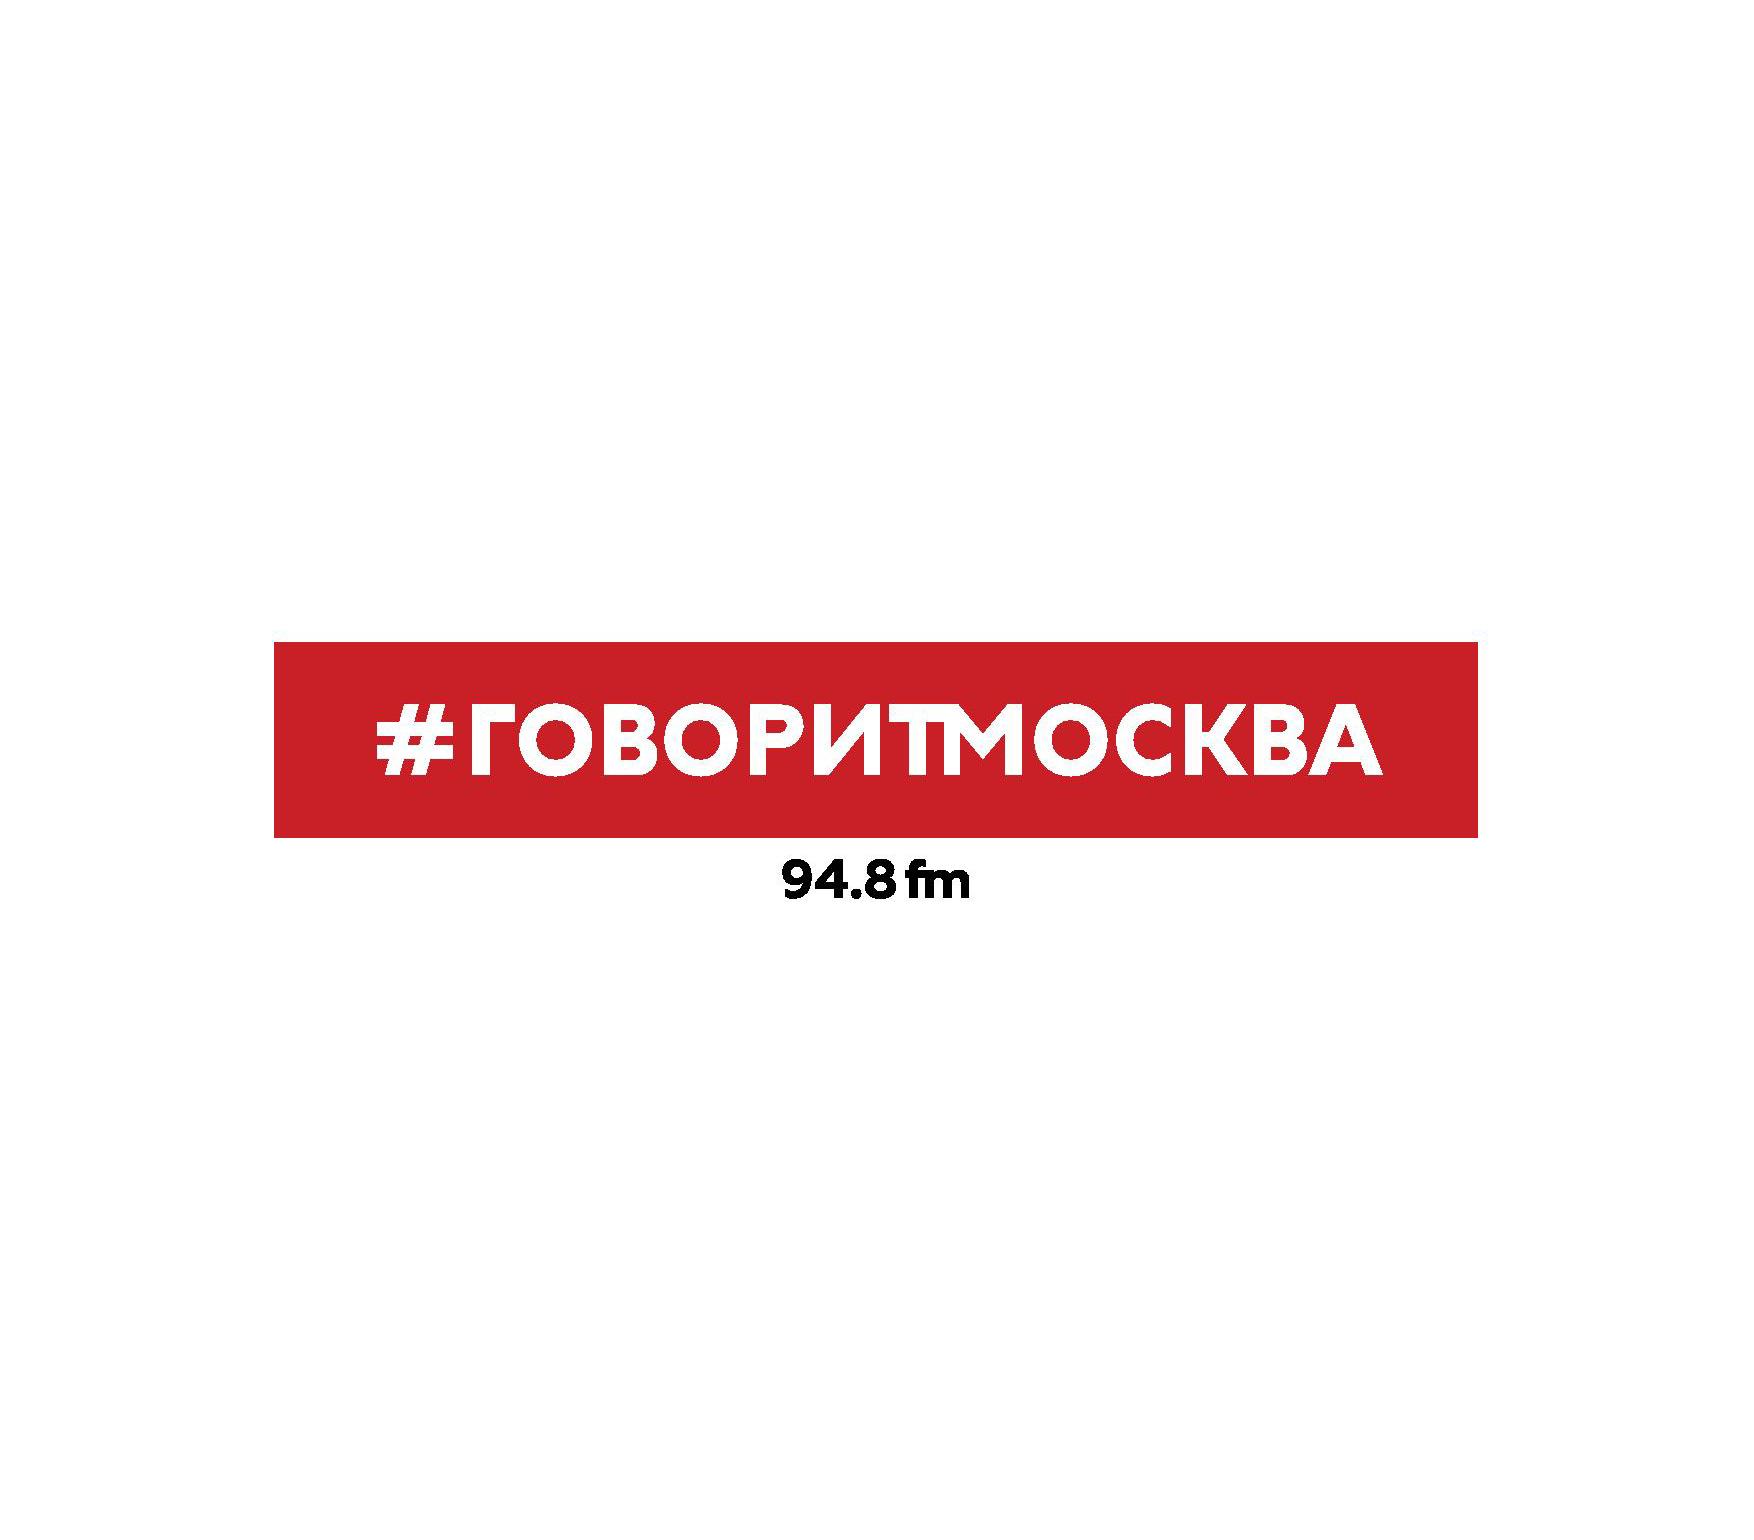 Станислав Симонов Градостроительный план Москвы станислав симонов театры москвы